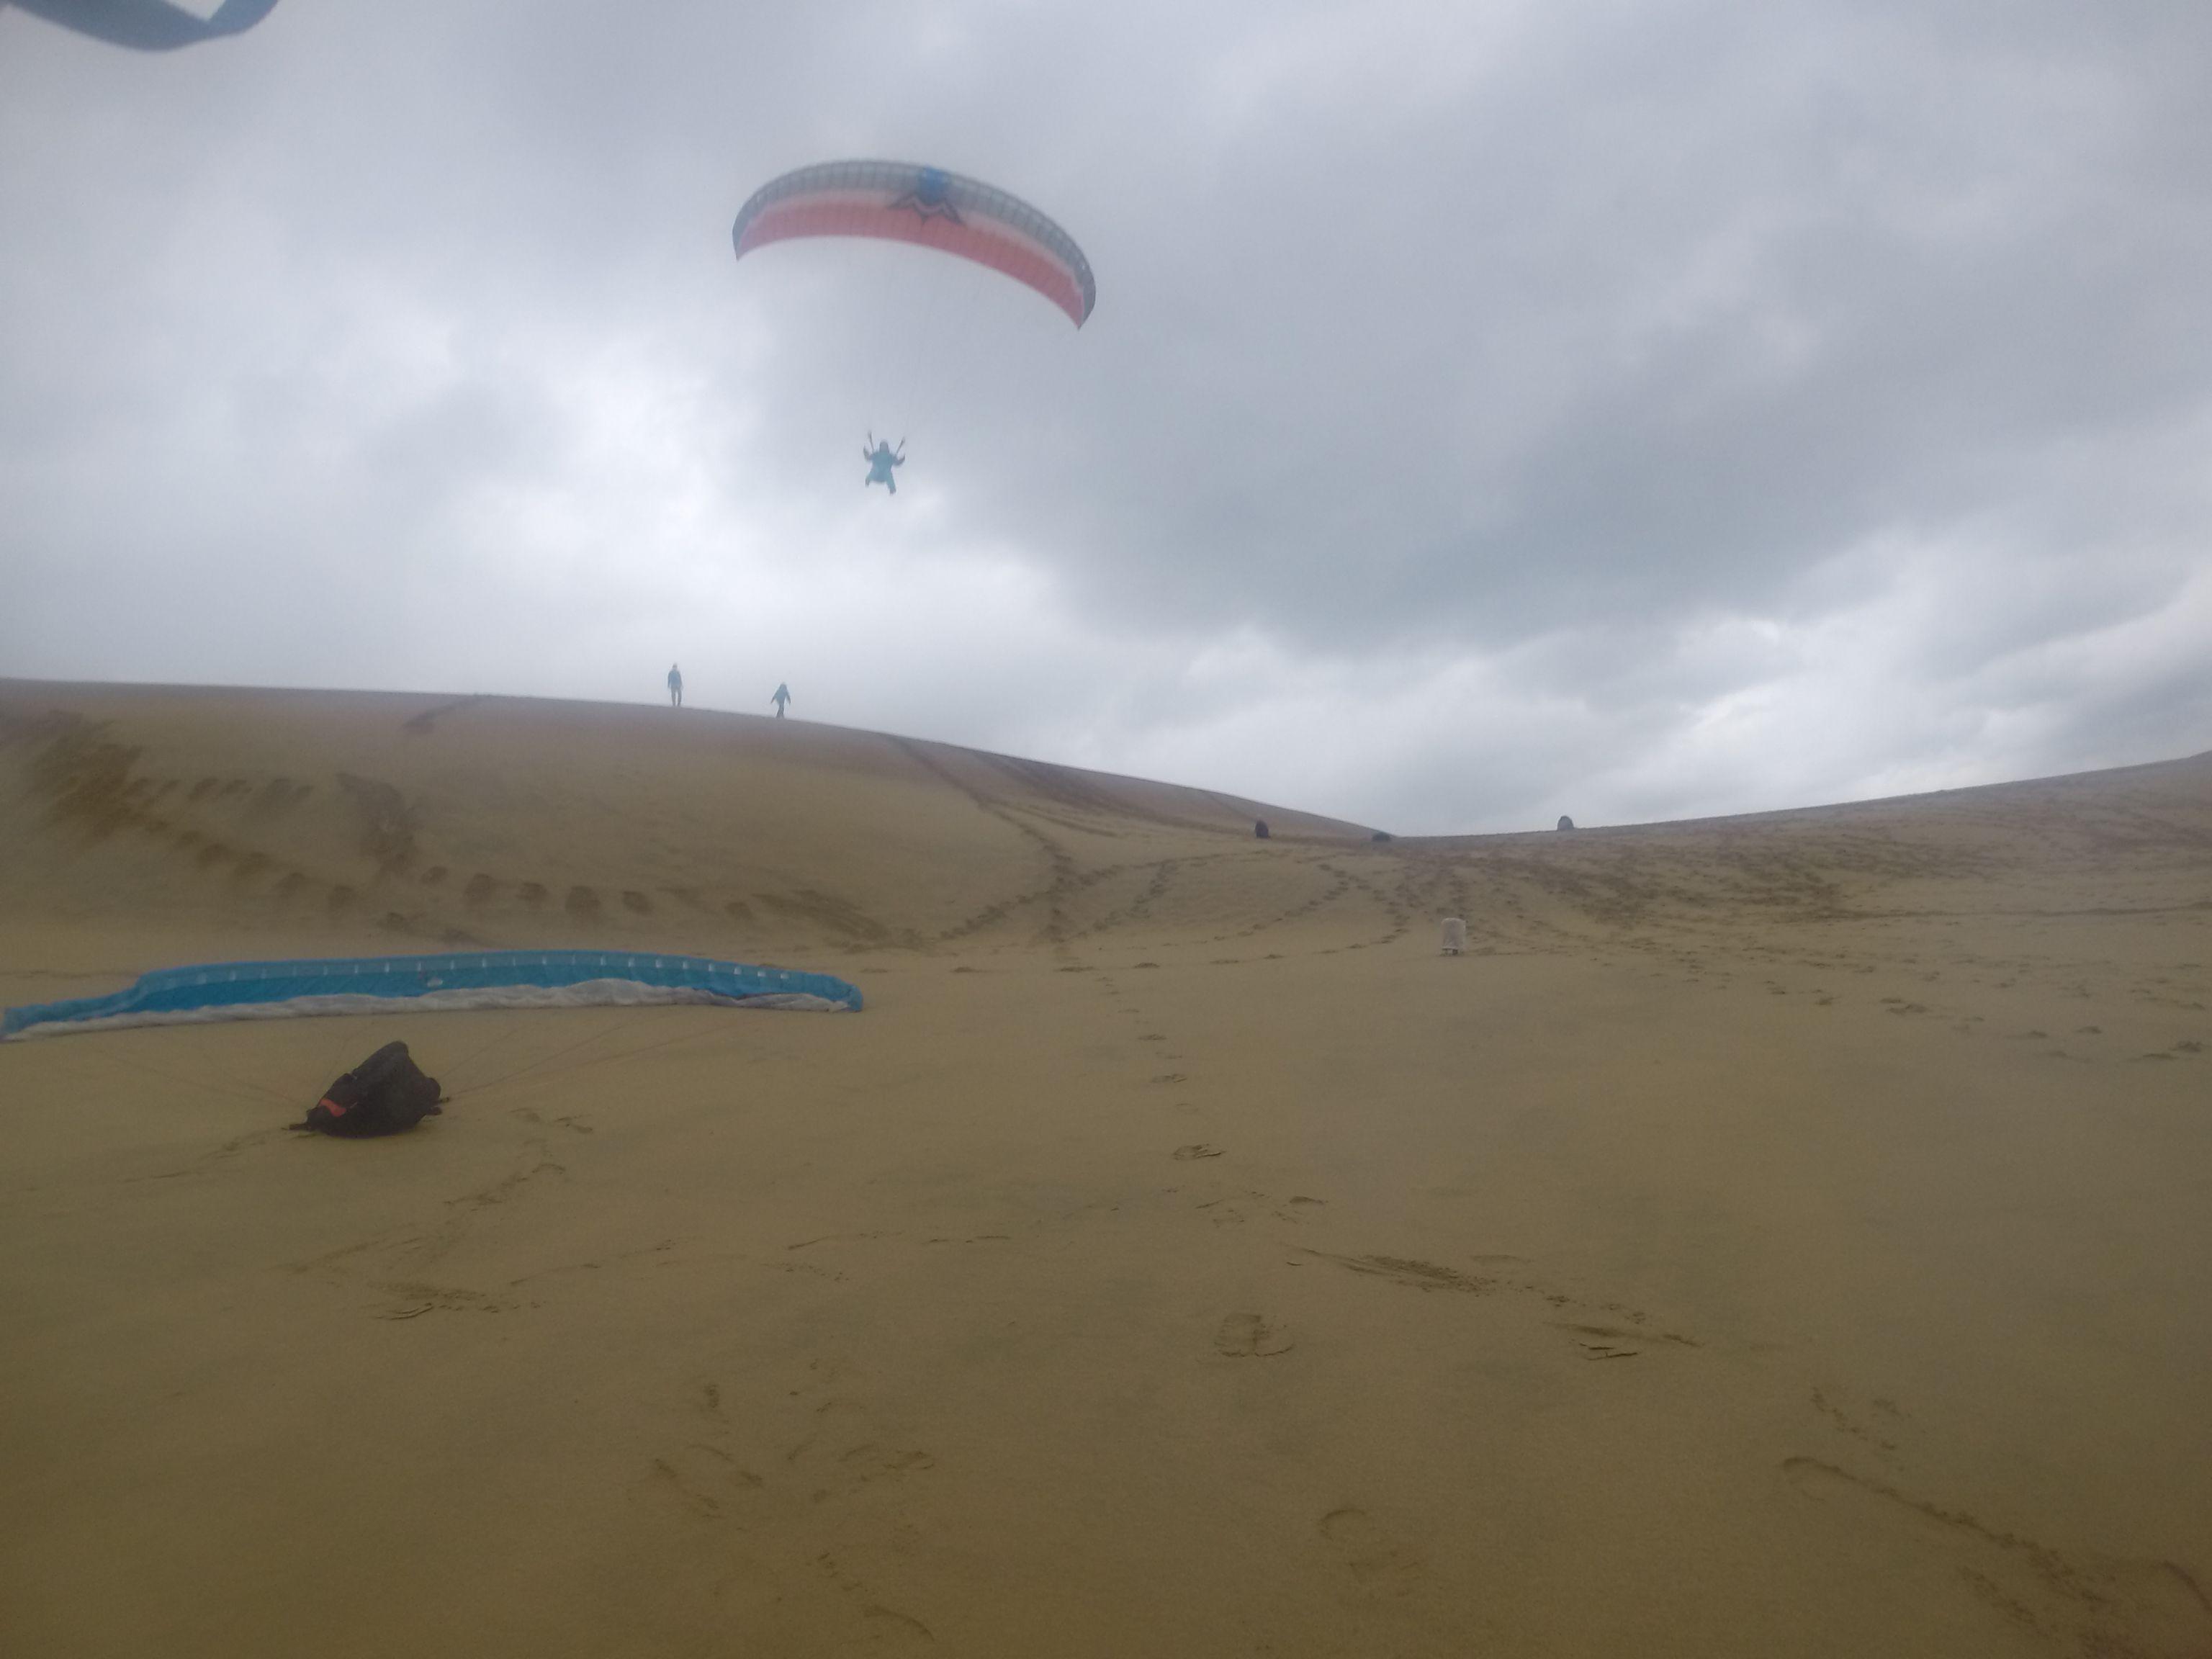 風の弱いタイミングを狙って大きく浮遊成功